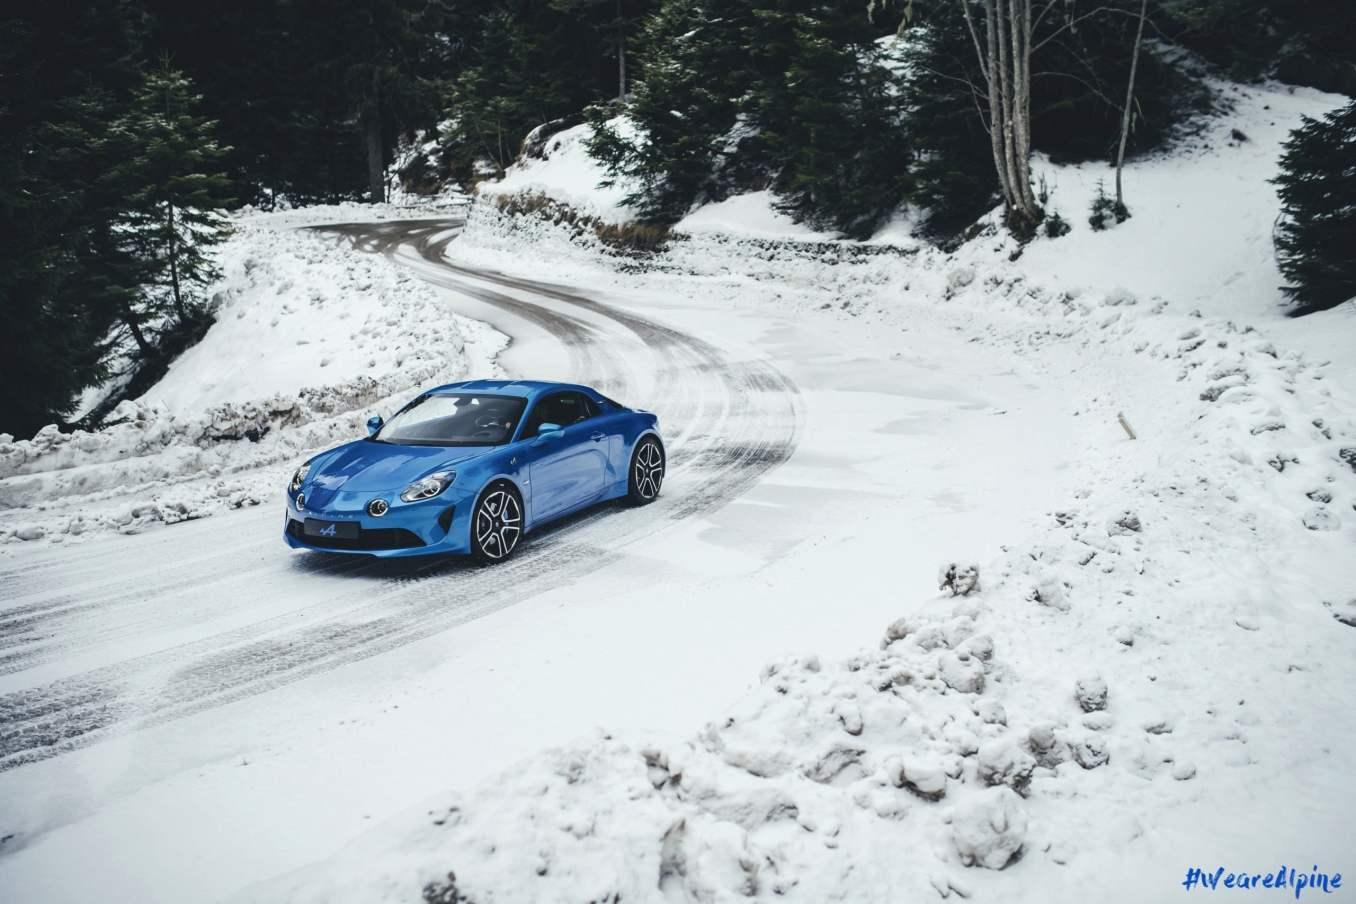 Genève 2017 Alpine A110 Premiere edition officielle 22 imp scaled | Salon de Genève 2017, toutes les informations officielles de l'Alpine A110 !